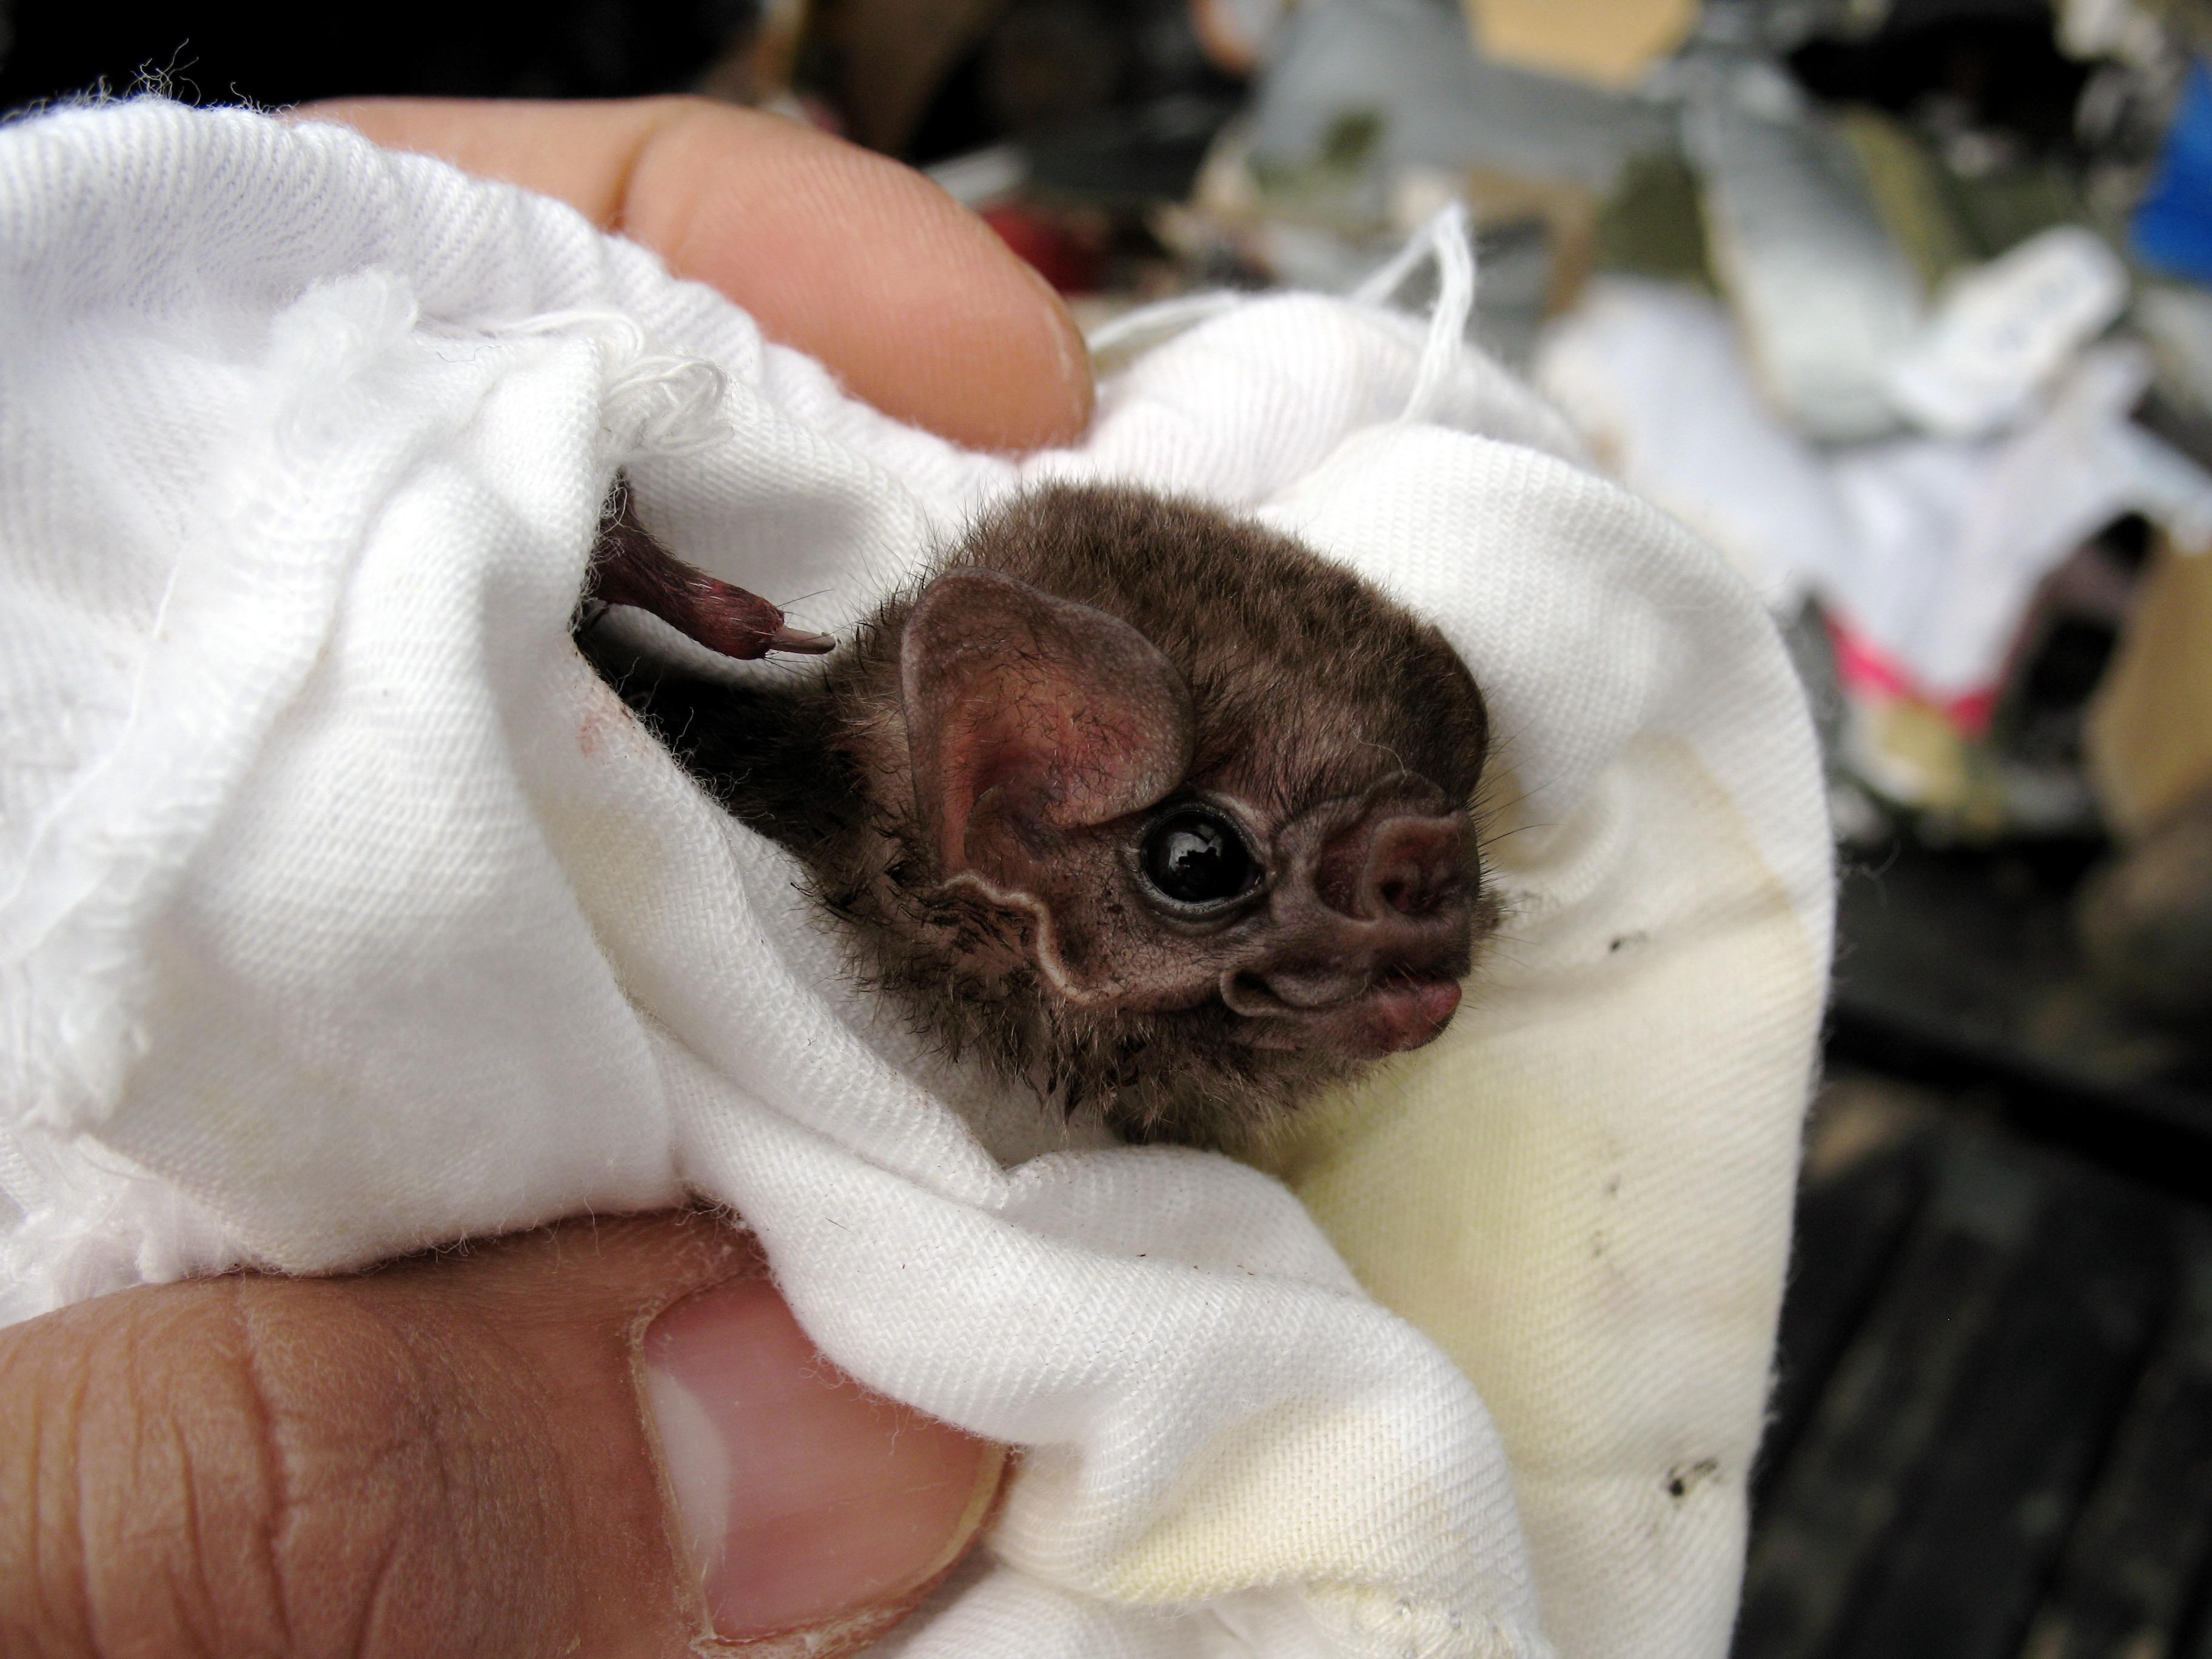 Hairy-legged vampire bat. Credit: Wikimedia Commons